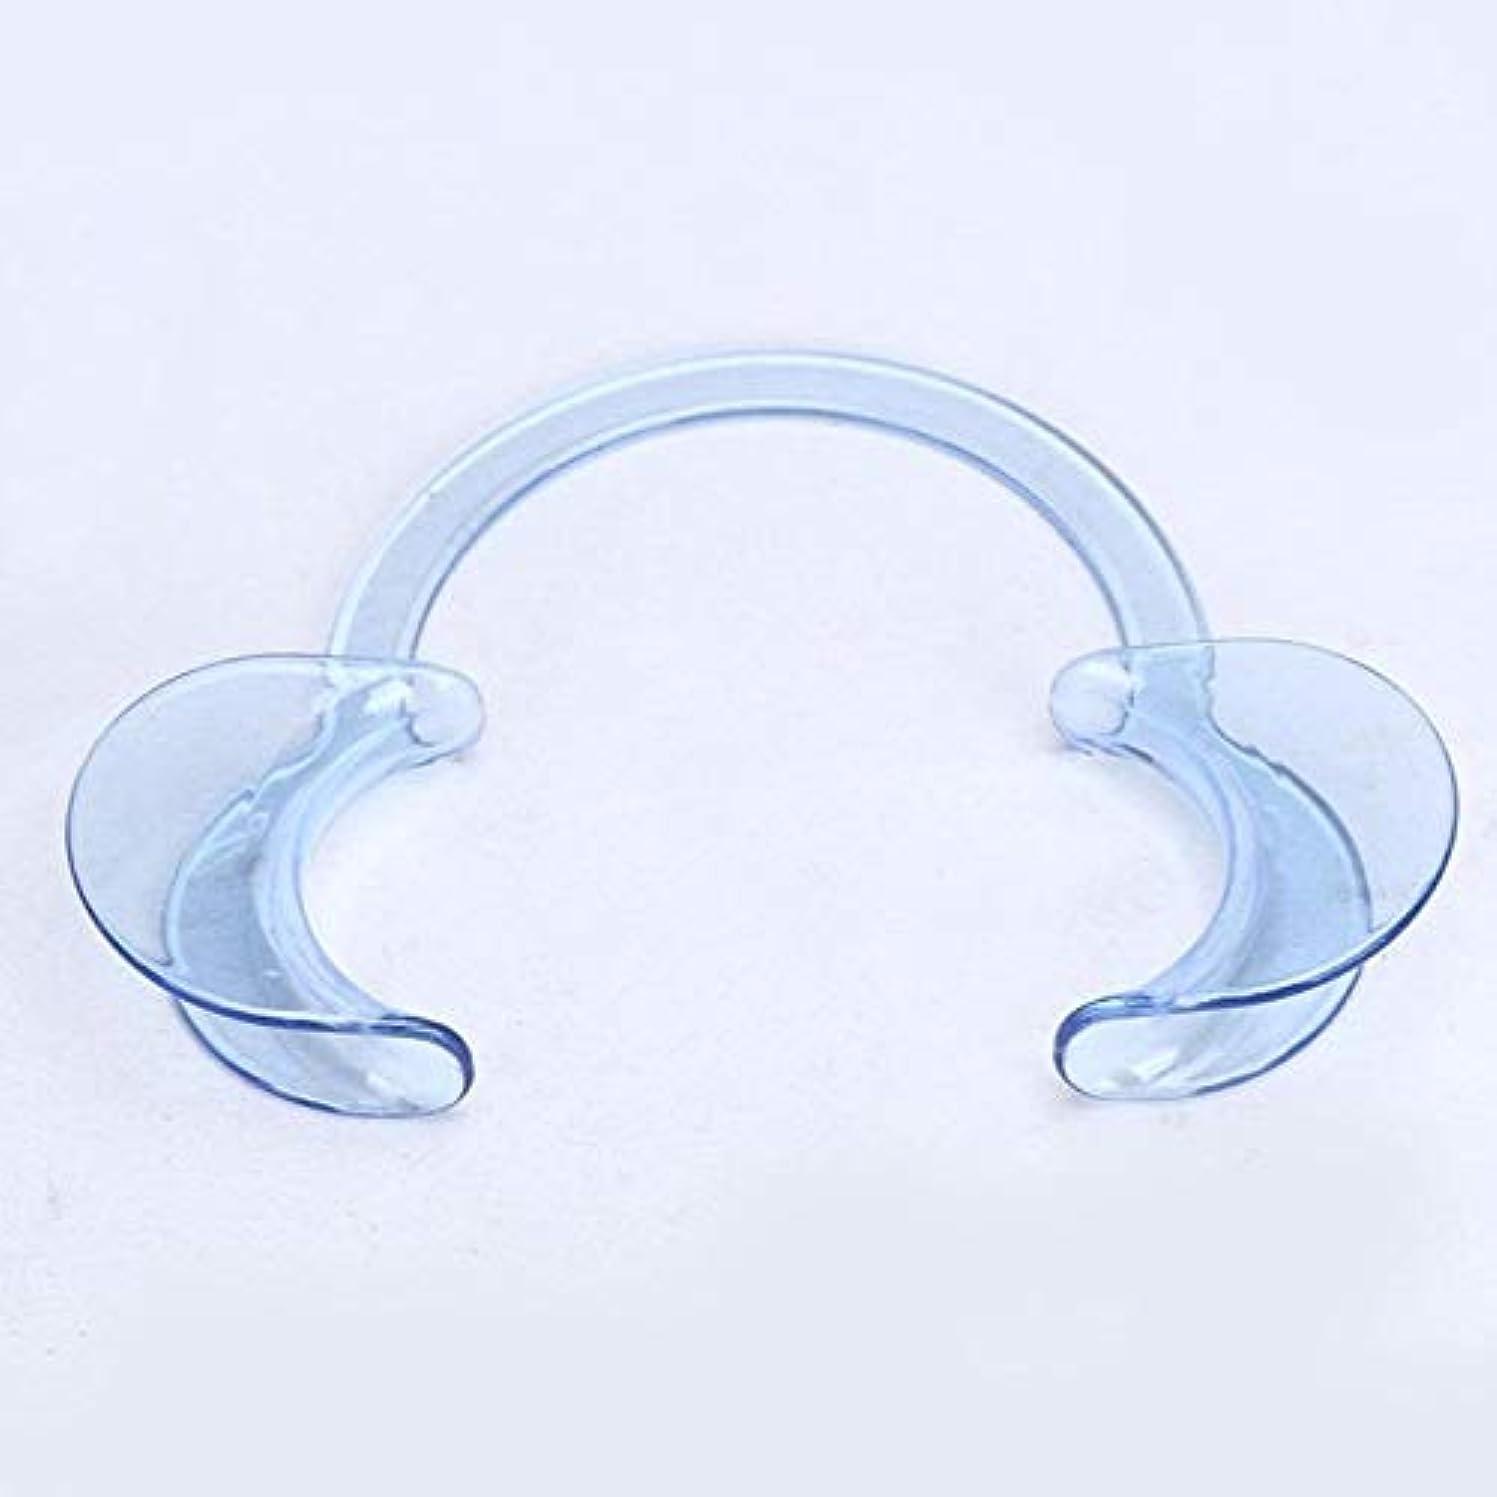 風変わりな立ち向かう外部DC パック 歯科 C型 開口器 口オープナー マウスオープナー 開口マウスオープナー C型ホワイトニング口の開創器